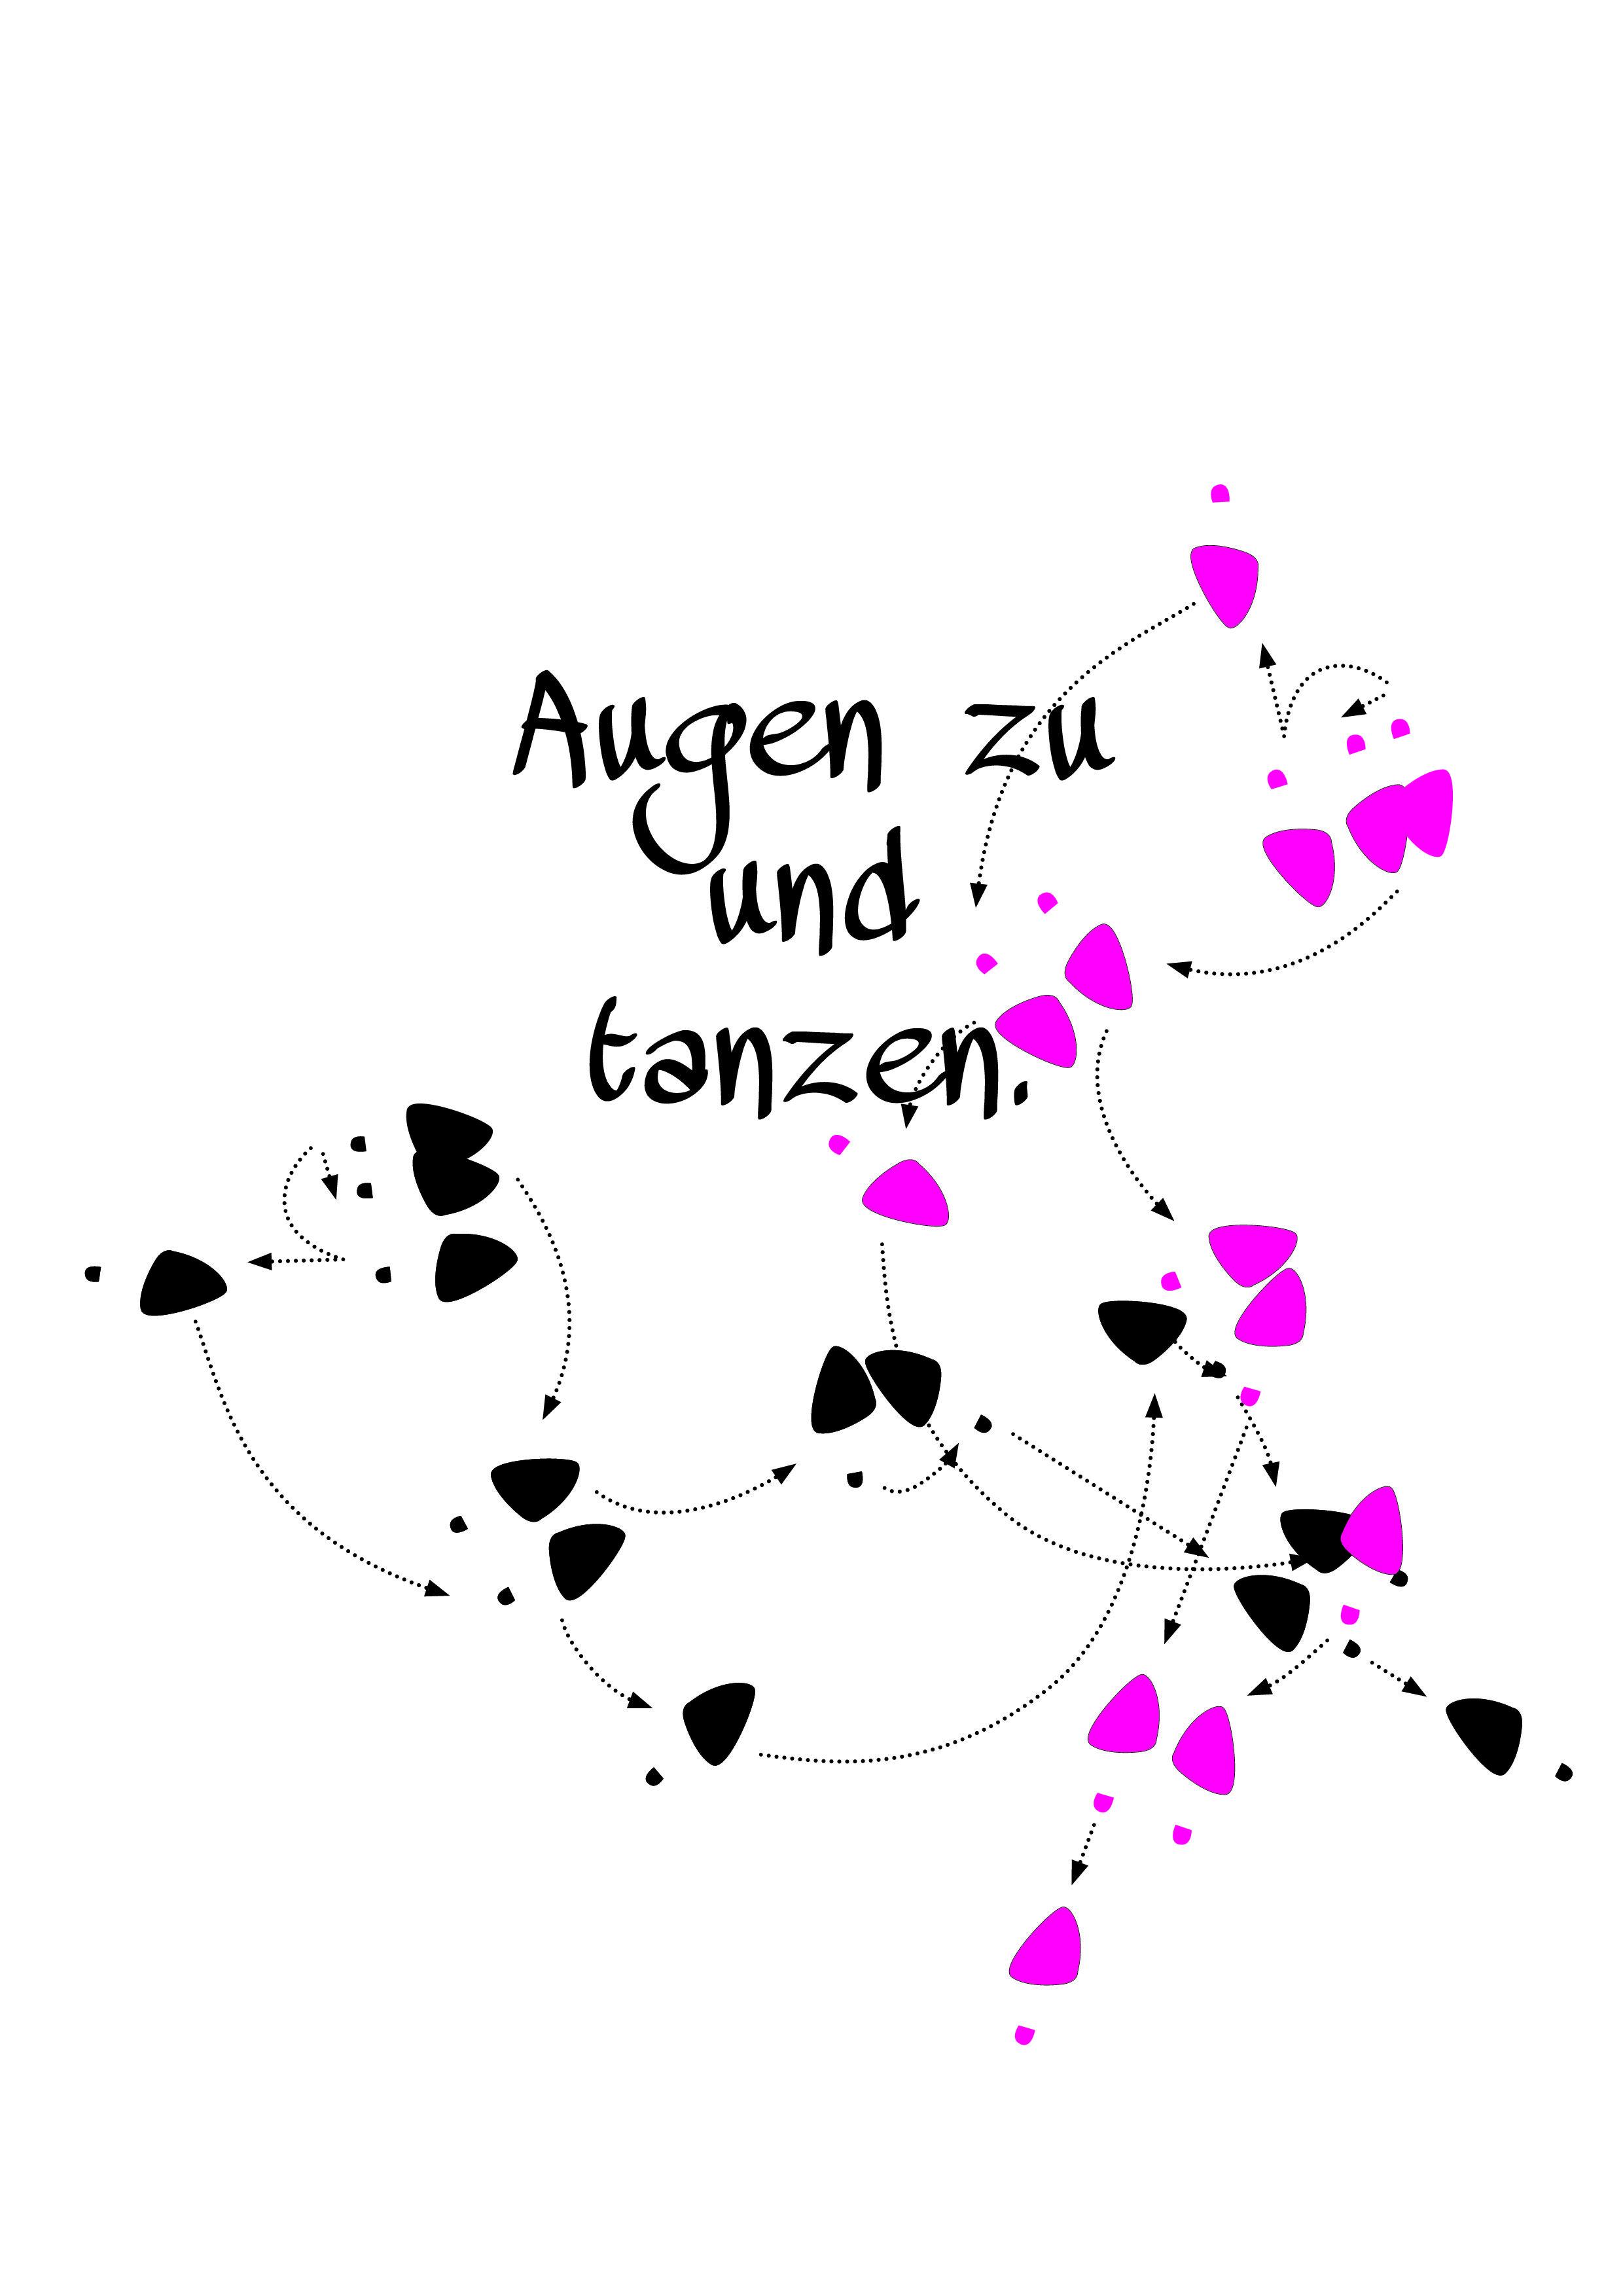 Augen zu und tanzen weisheiten auf deutsch pinterest for Spruch tanzen